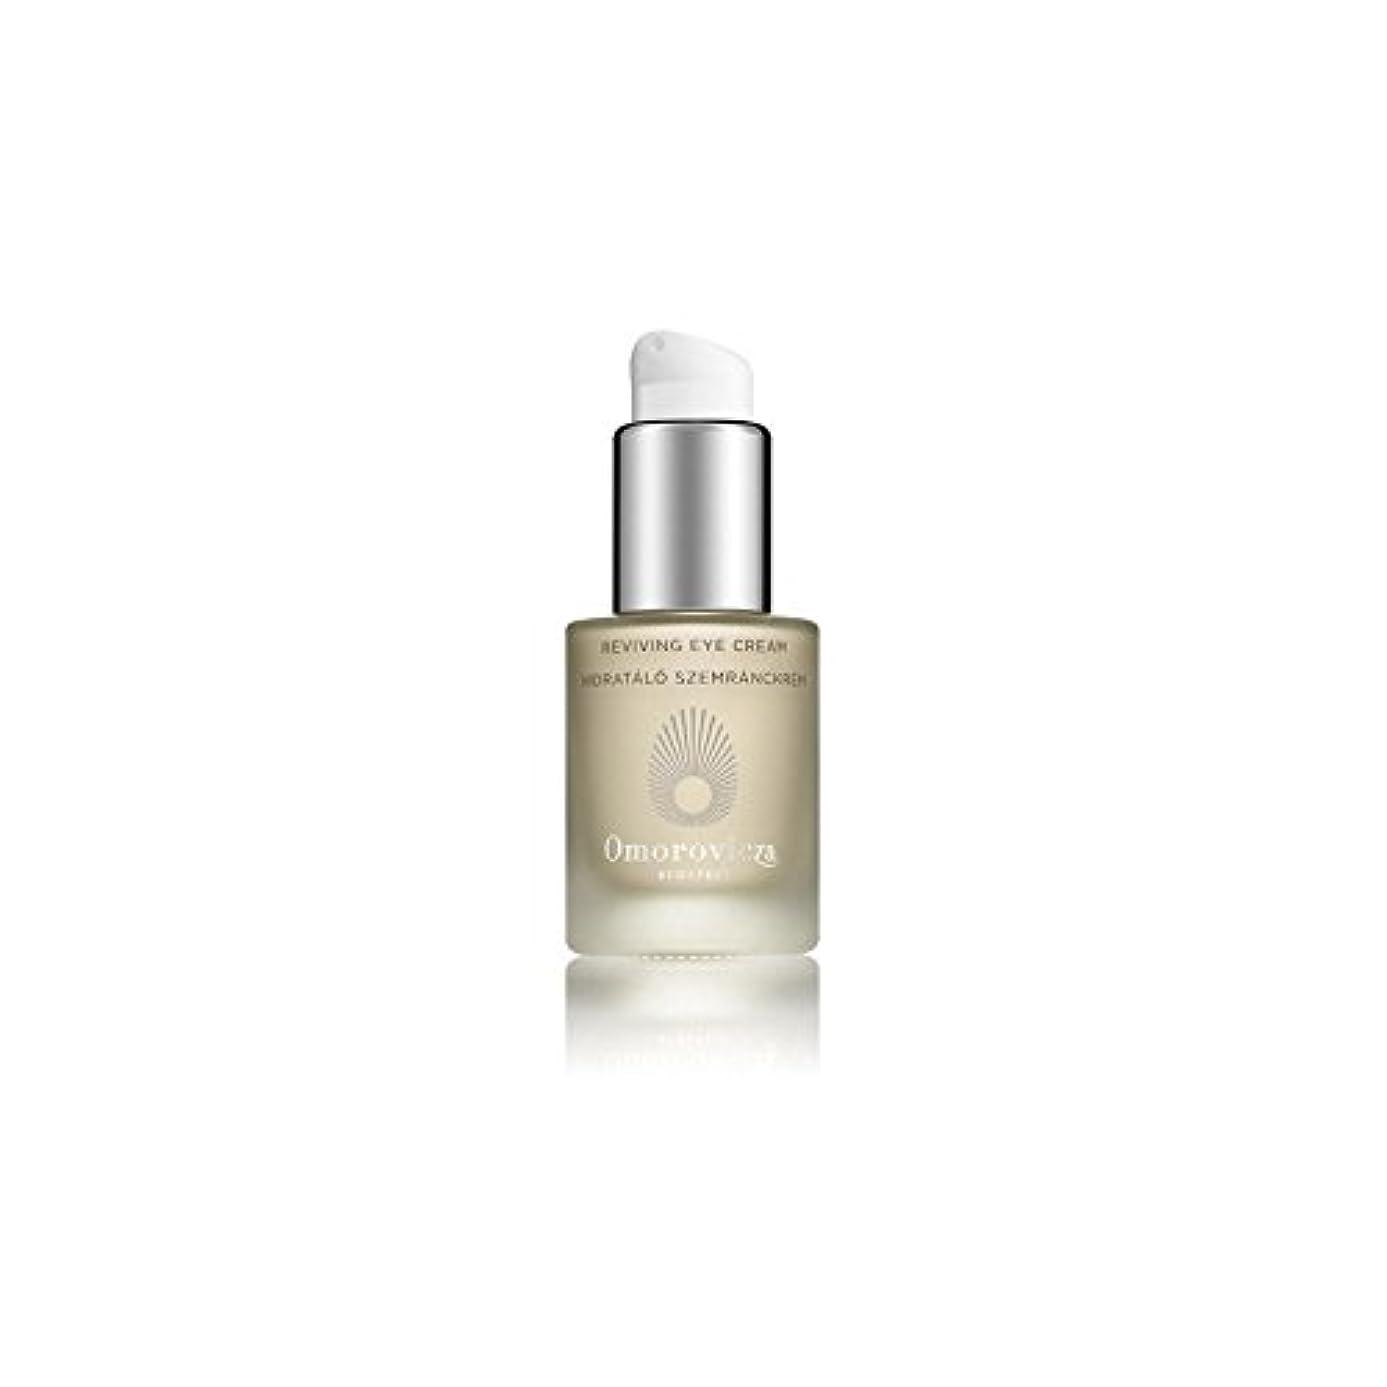 に応じて摂氏度不名誉復活アイクリーム(15ミリリットル) x4 - Omorovicza Reviving Eye Cream (15ml) (Pack of 4) [並行輸入品]